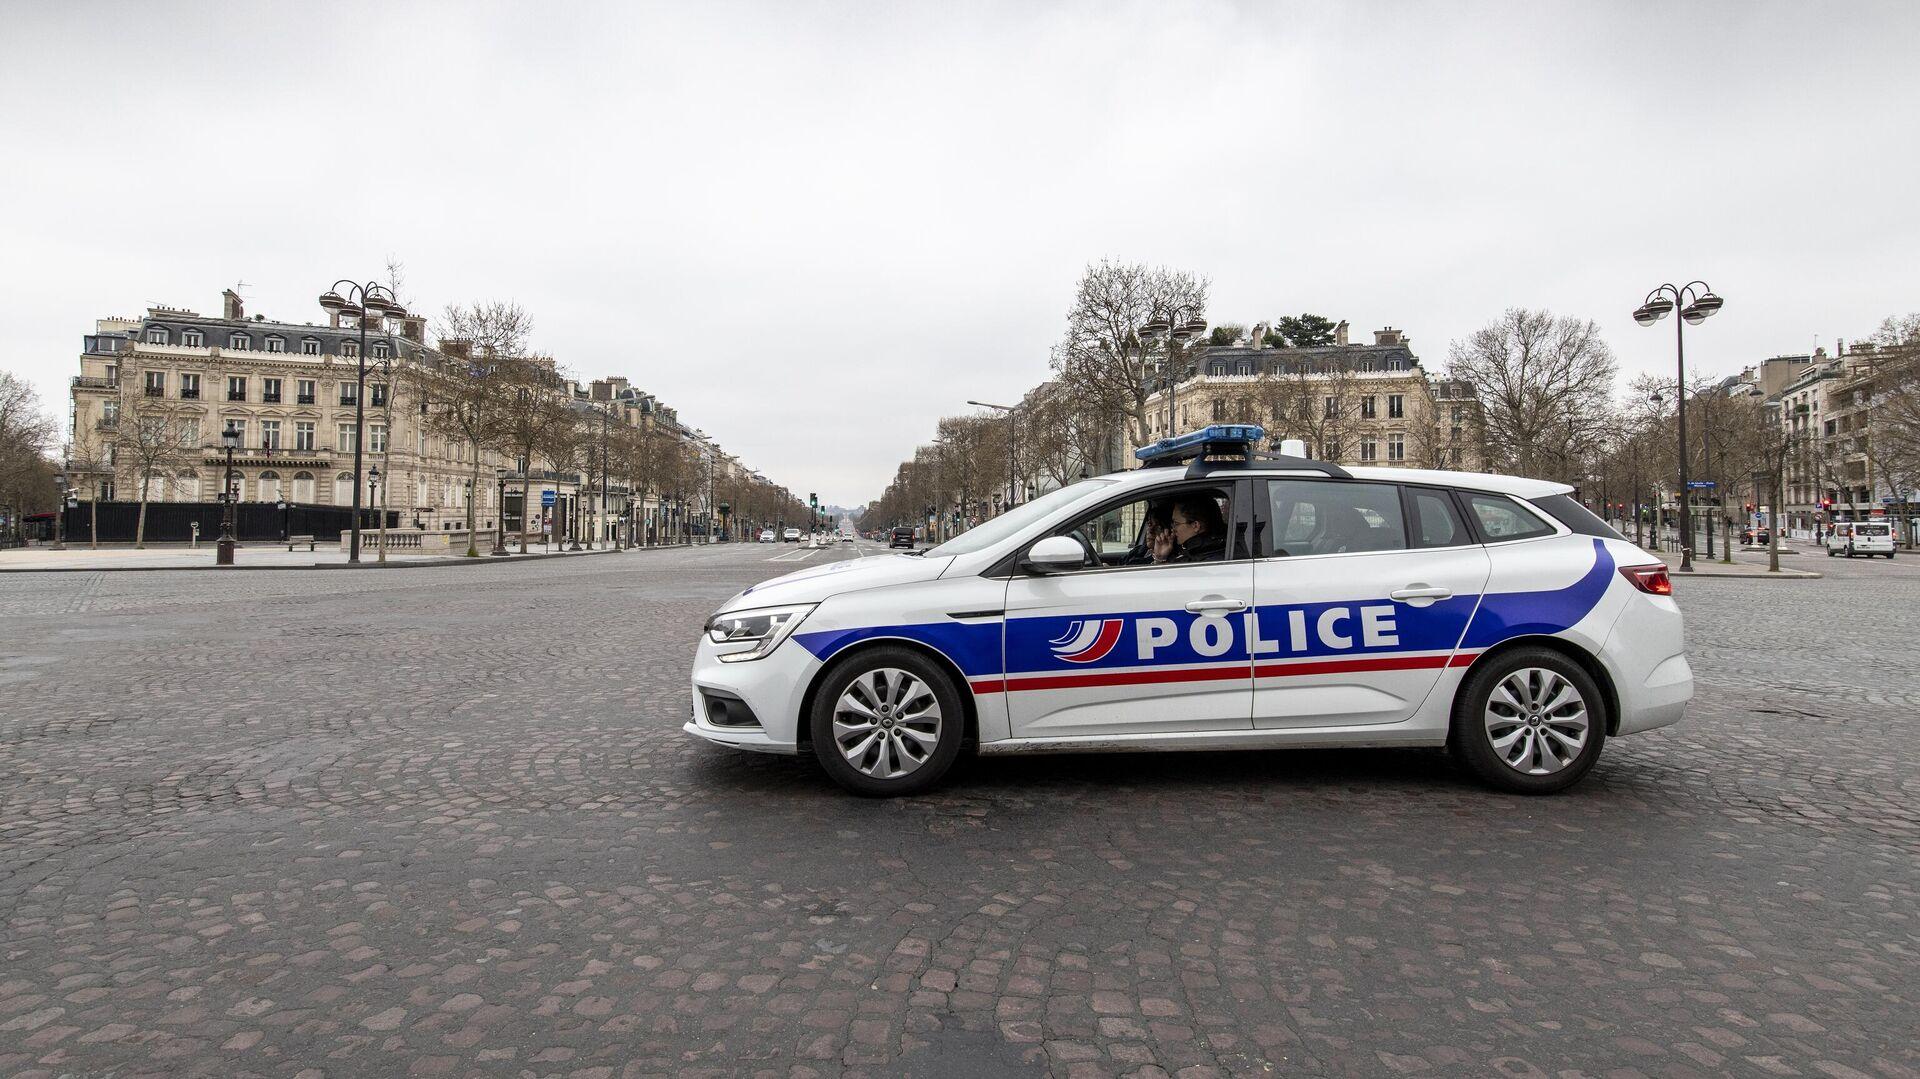 Автомобиль полиции на безлюдной улице в Париже - РИА Новости, 1920, 28.10.2020